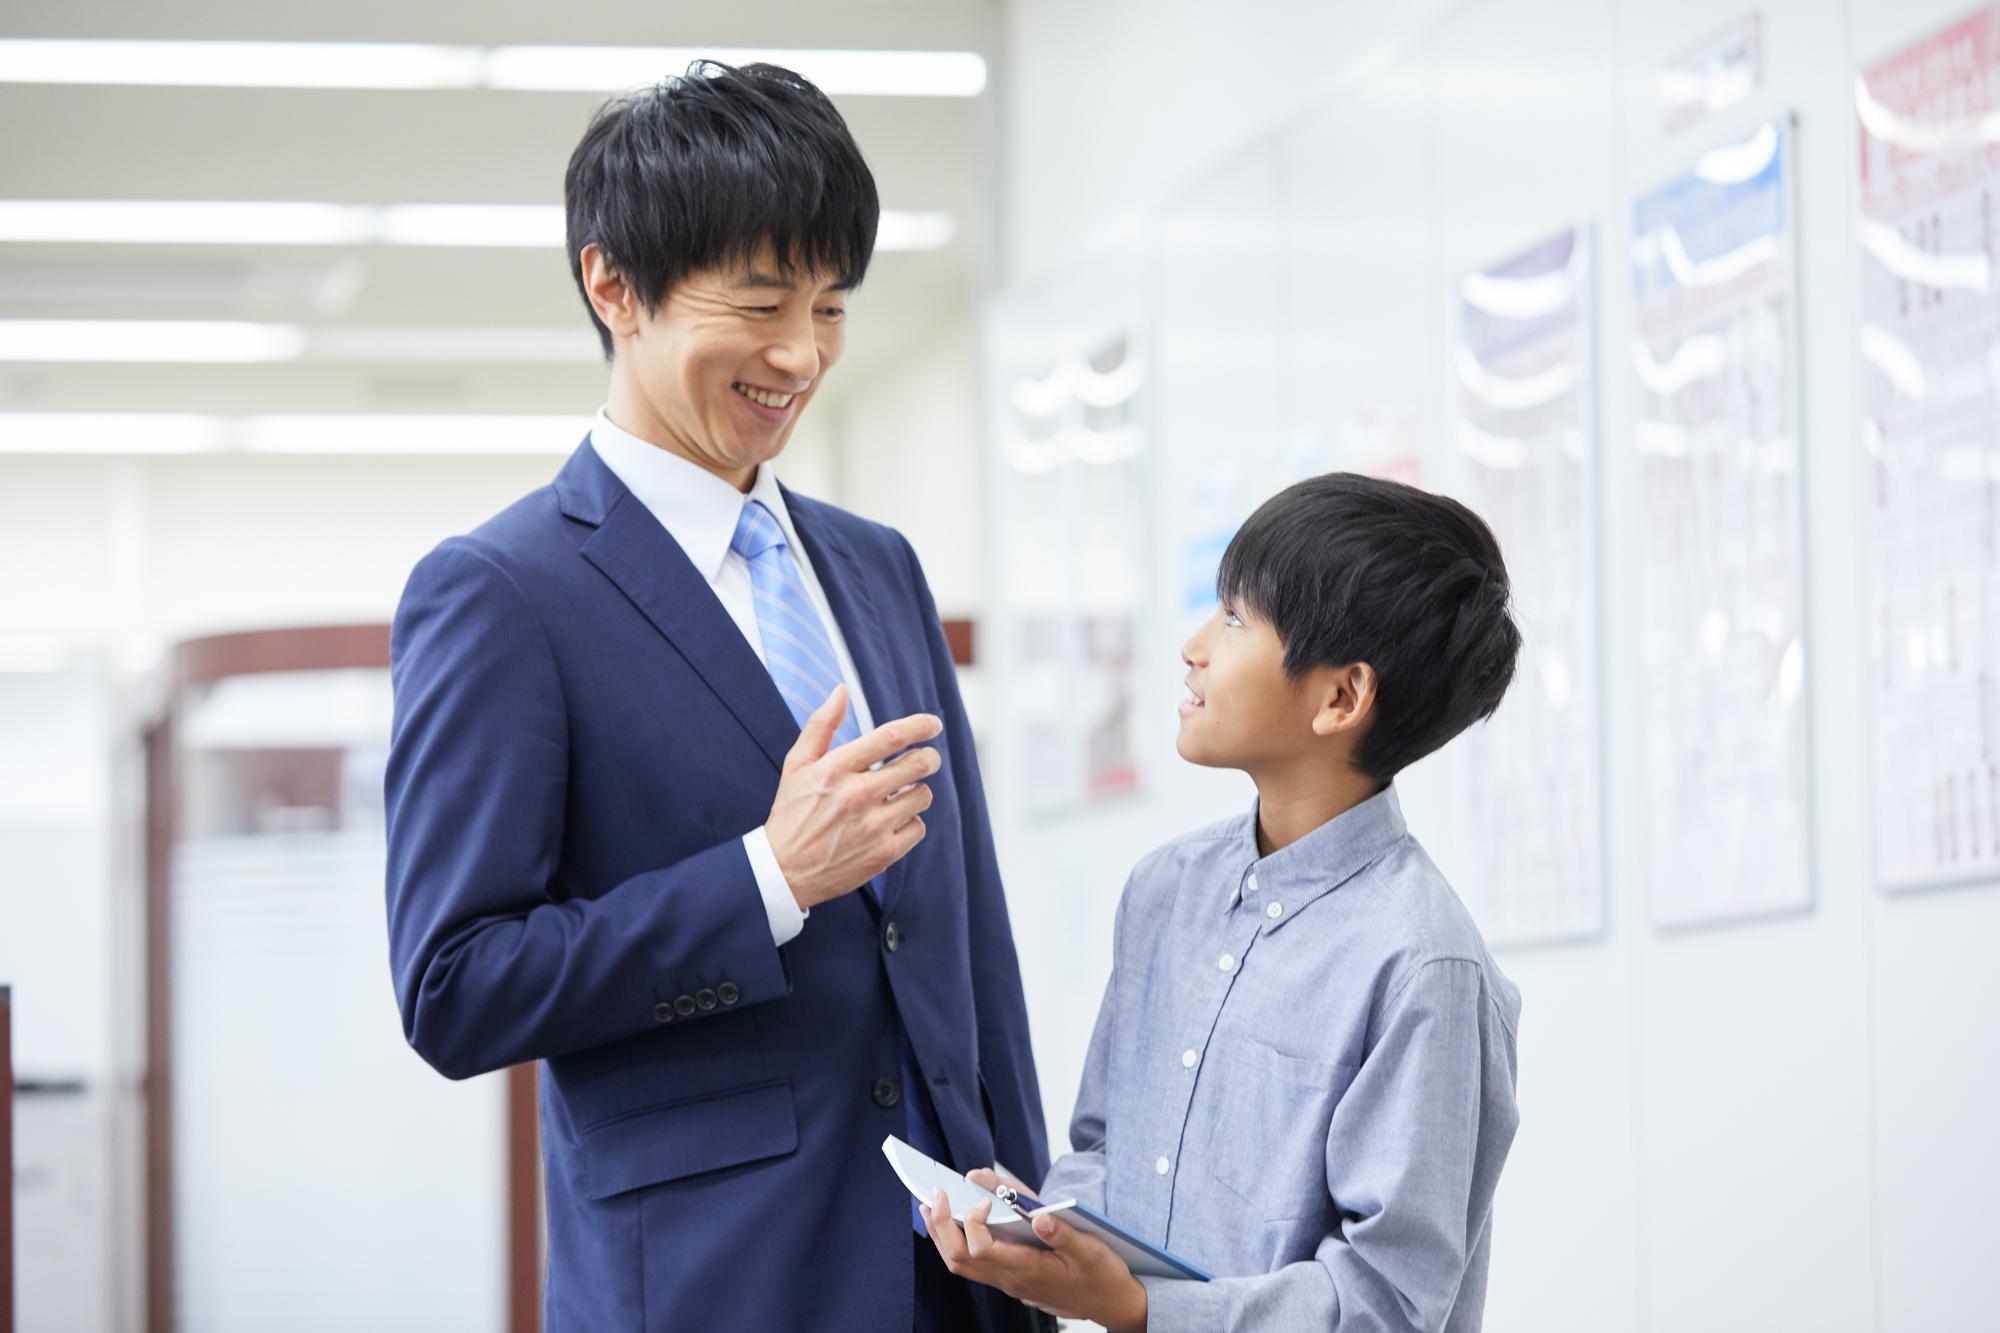 株式会社名門会/「すべては子供たちの未来のために」家庭教師センターの運営◎未経験OK/残業原則禁止